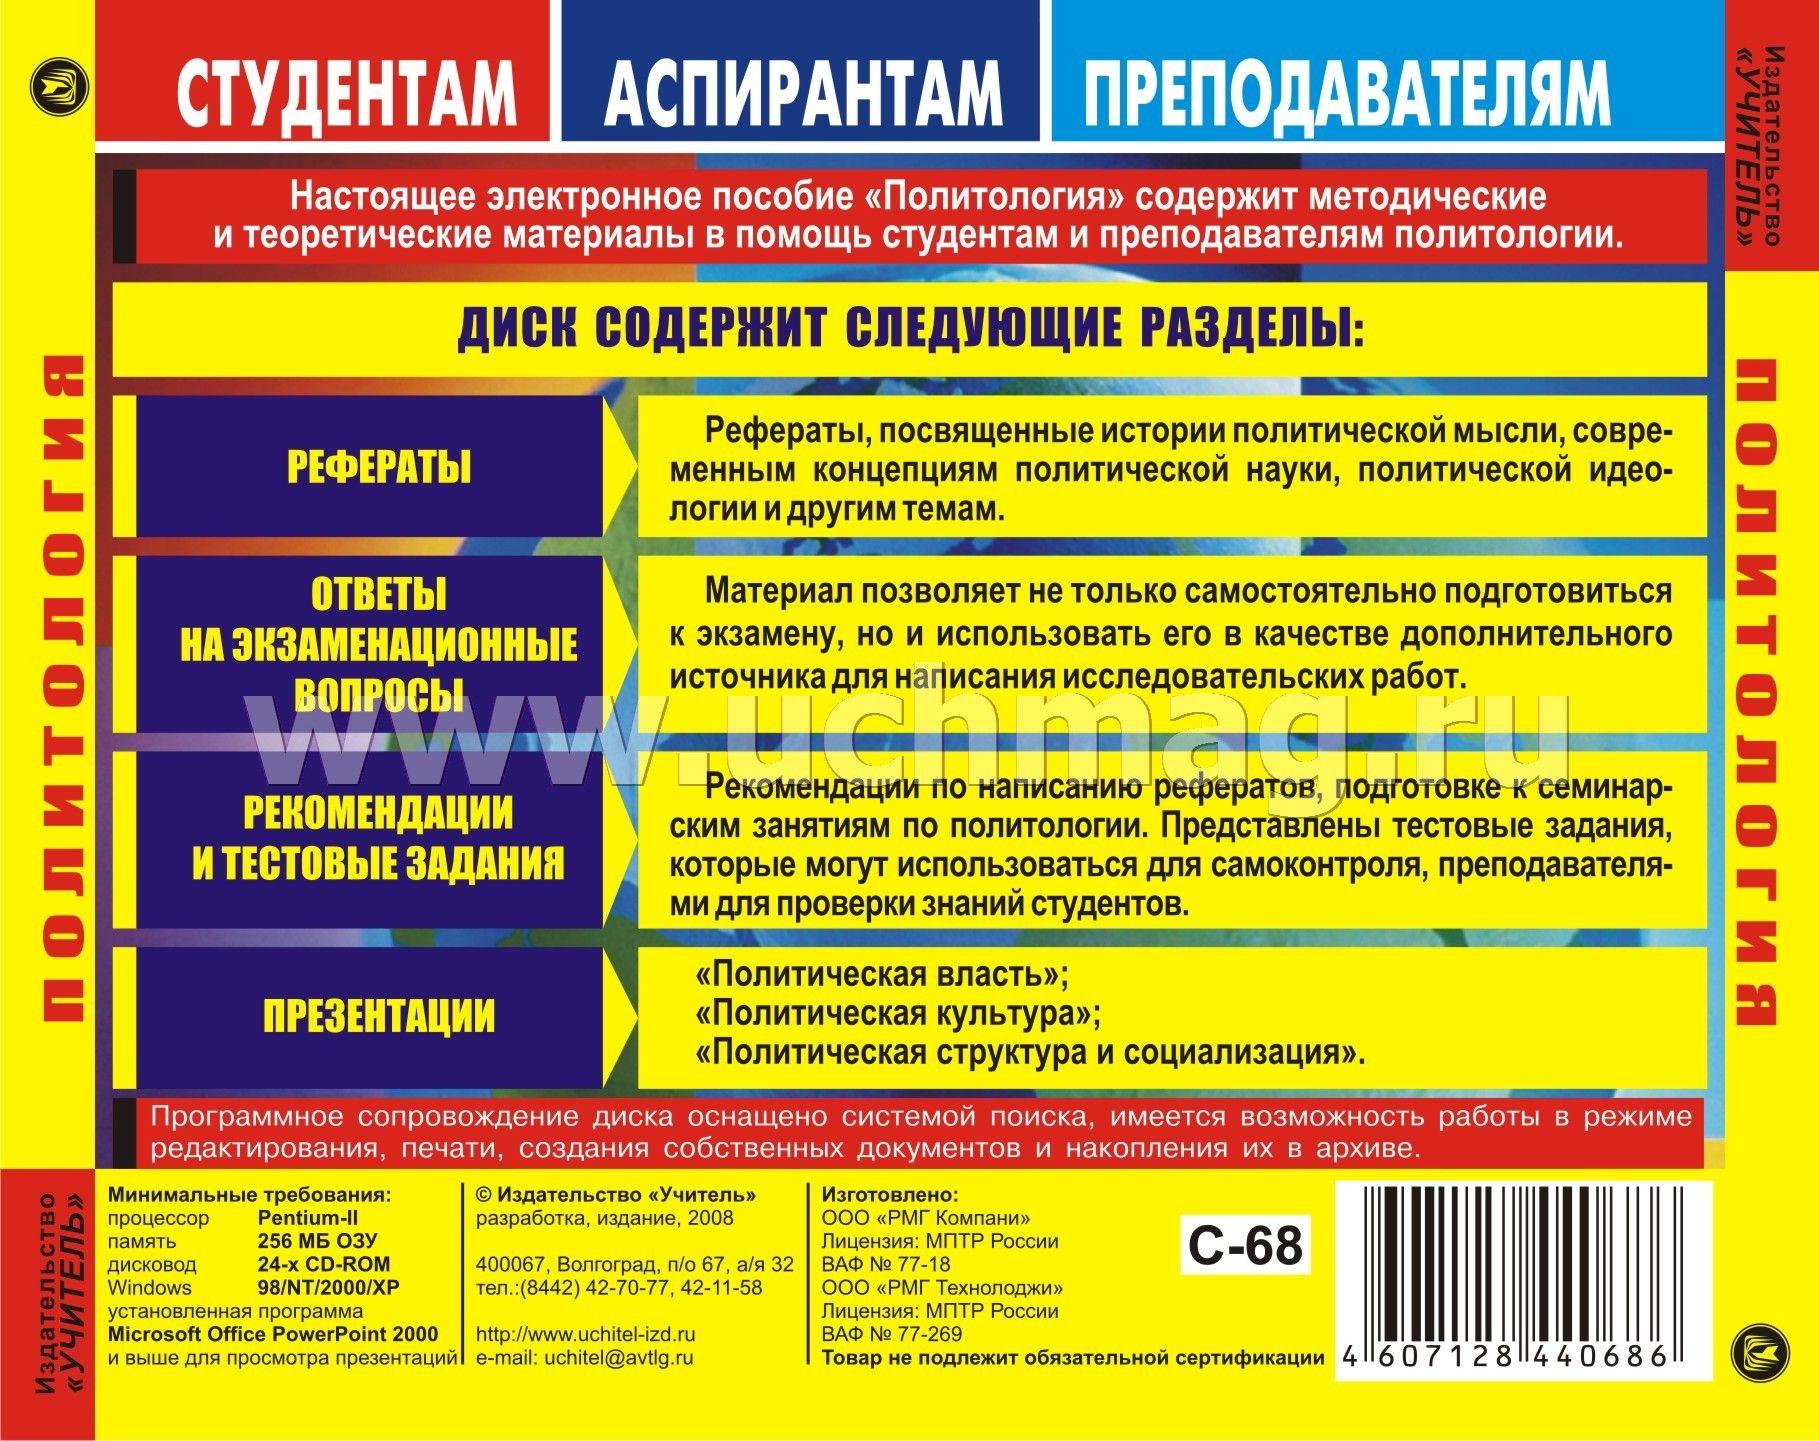 Политология Компакт диск для компьютера Рефераты Тесты Ответы   Политология Компакт диск для компьютера Рефераты Тесты Ответы на экзаменационные вопросы